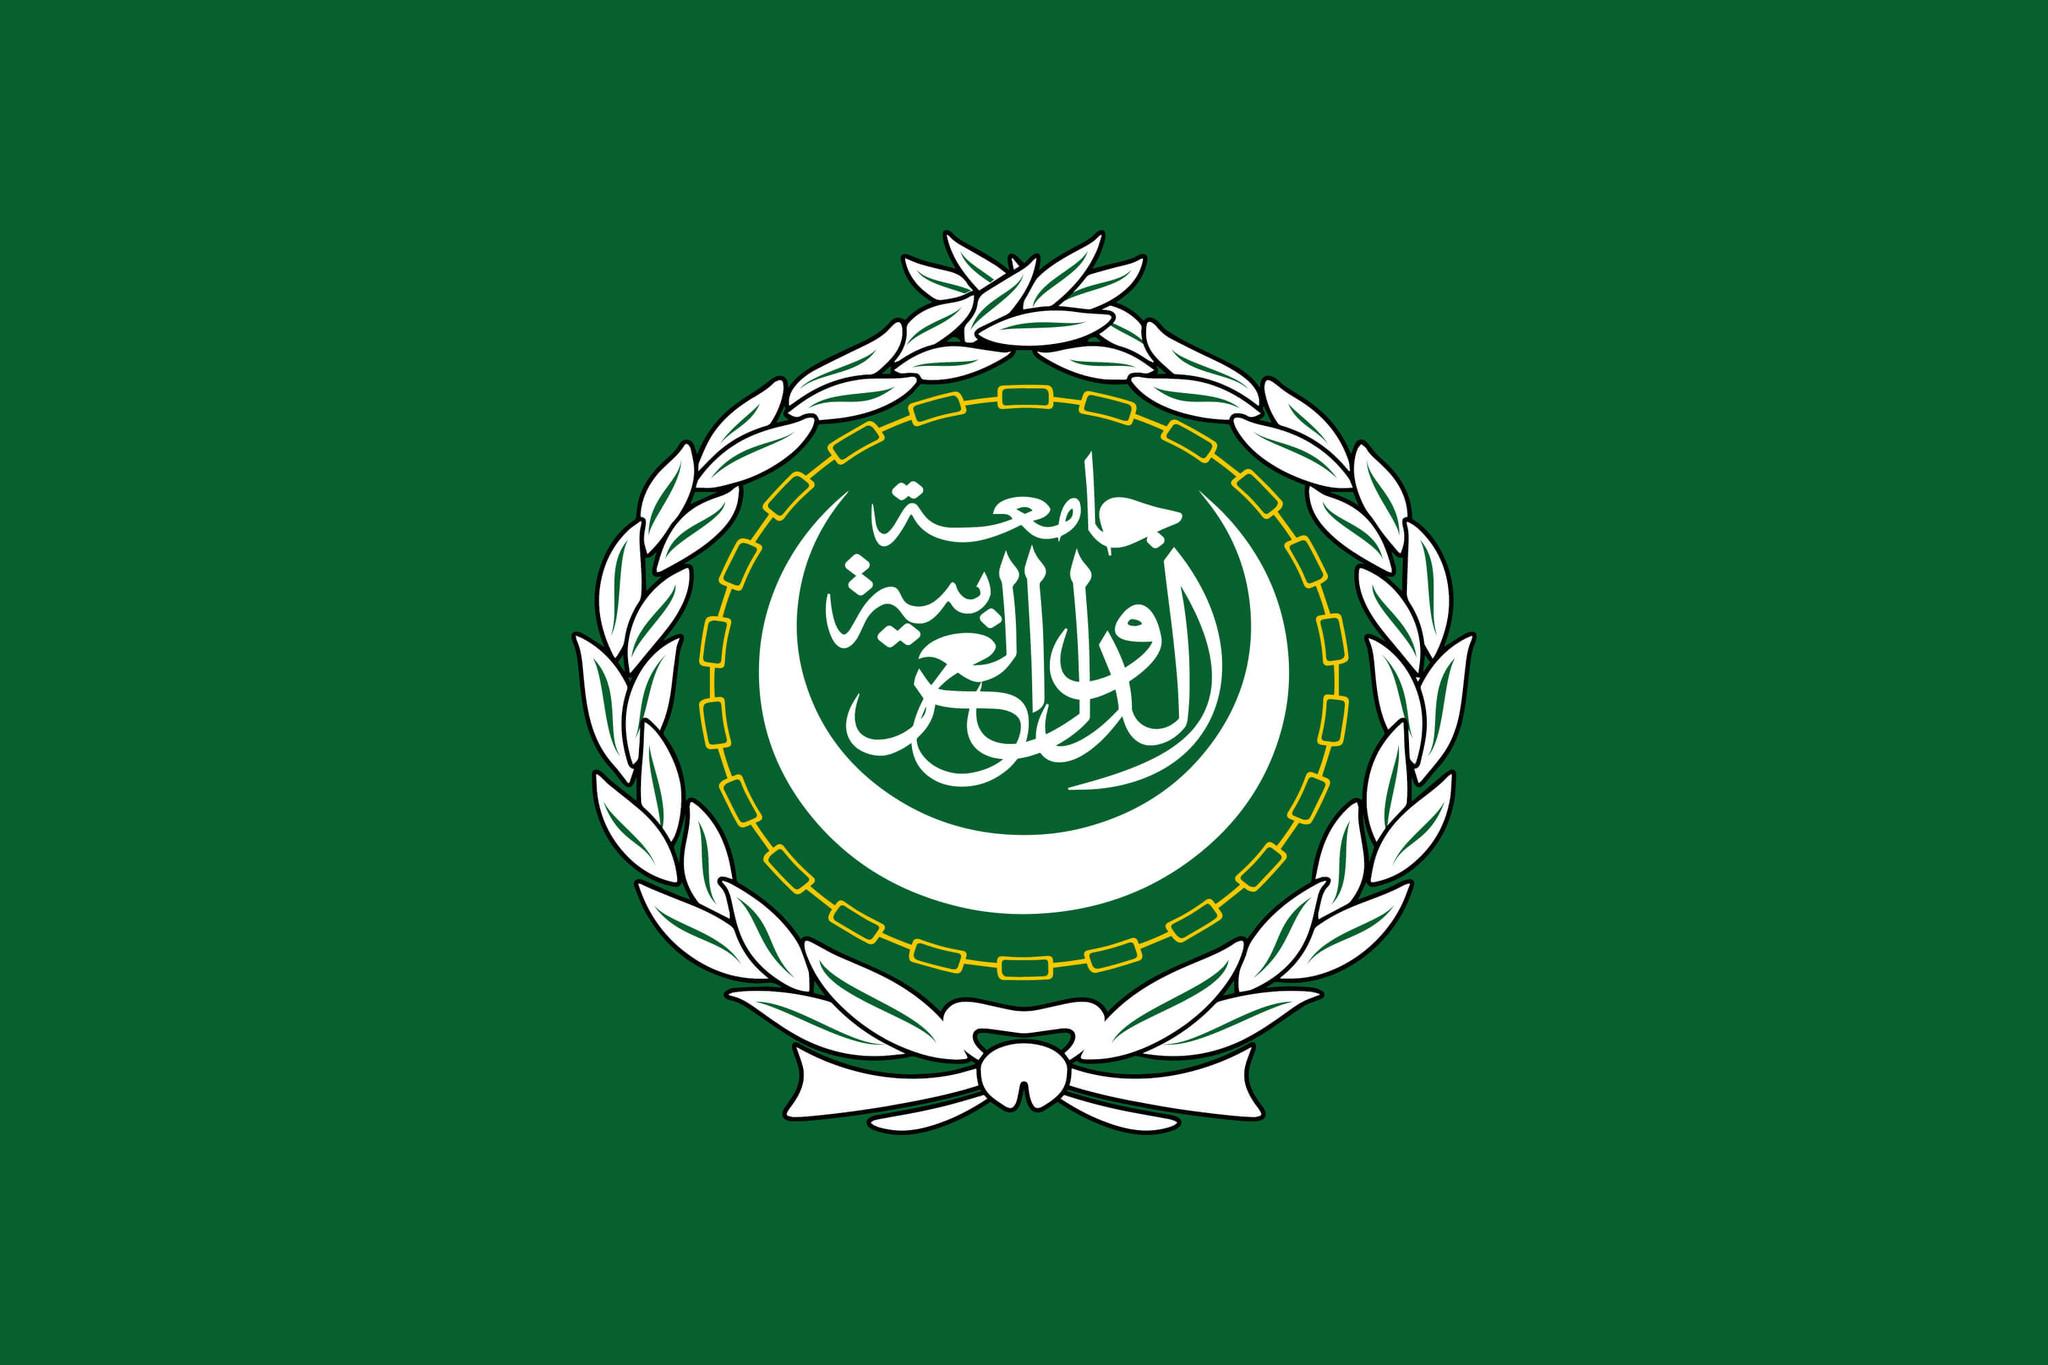 Drapeau de la Ligue arabe